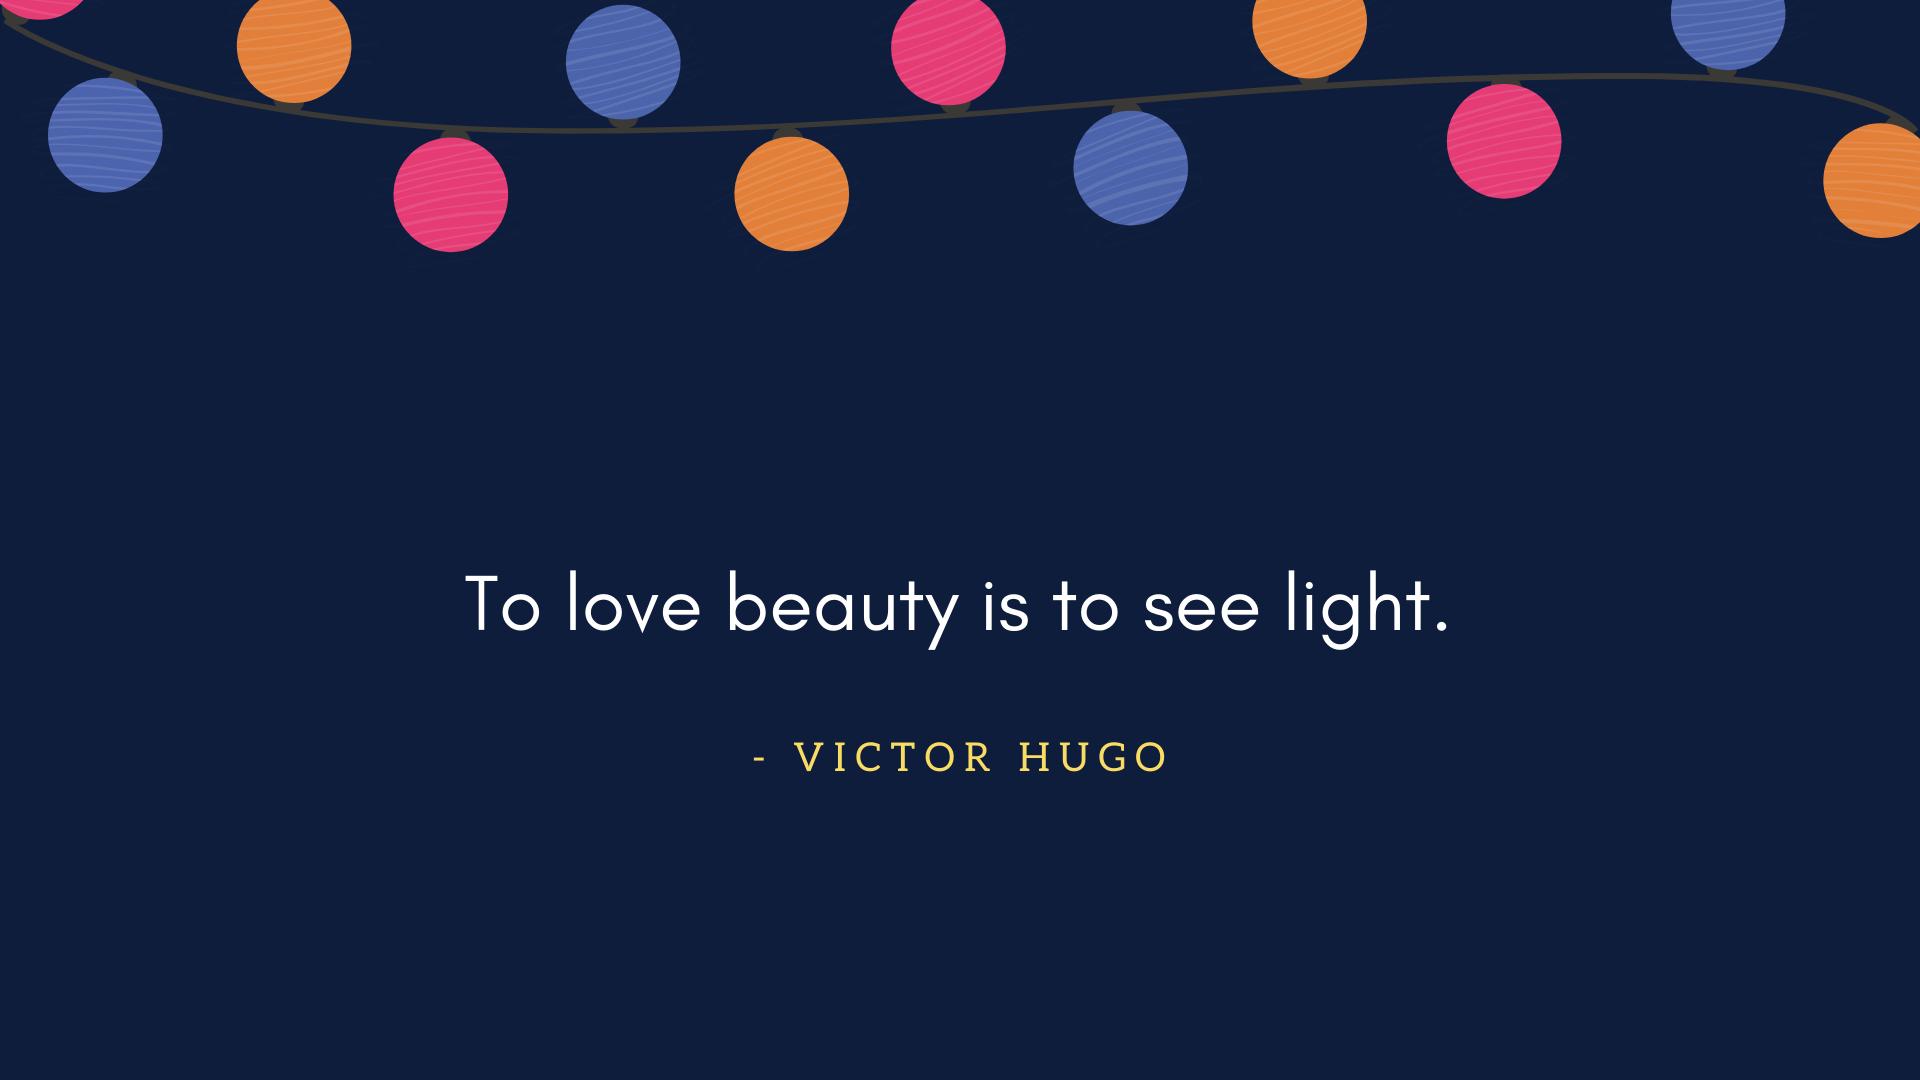 Best Quotes Desktop Wallpapers Motivational Quotes Motivation Inspirational Wallpapers